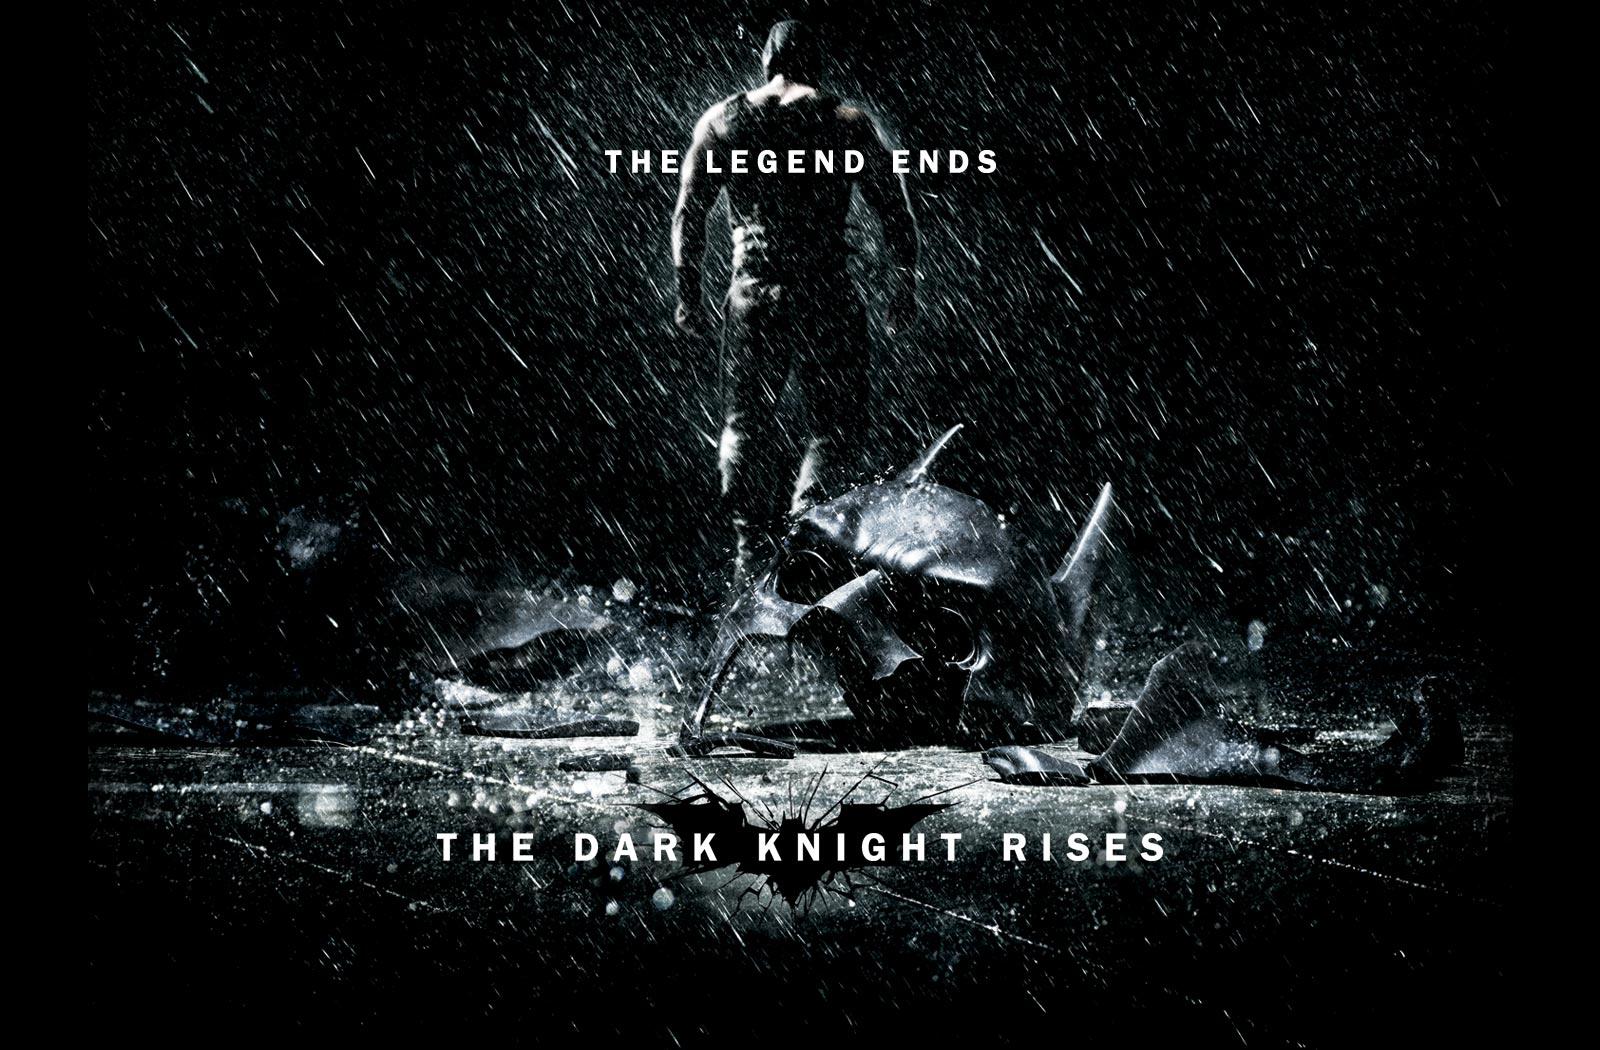 http://2.bp.blogspot.com/-6uf77jby7GM/TuglpJpib2I/AAAAAAAAA14/TPuwQa9INtI/s1600/The+Dark+Knight+Rises+Wallpaper+Bane.jpg